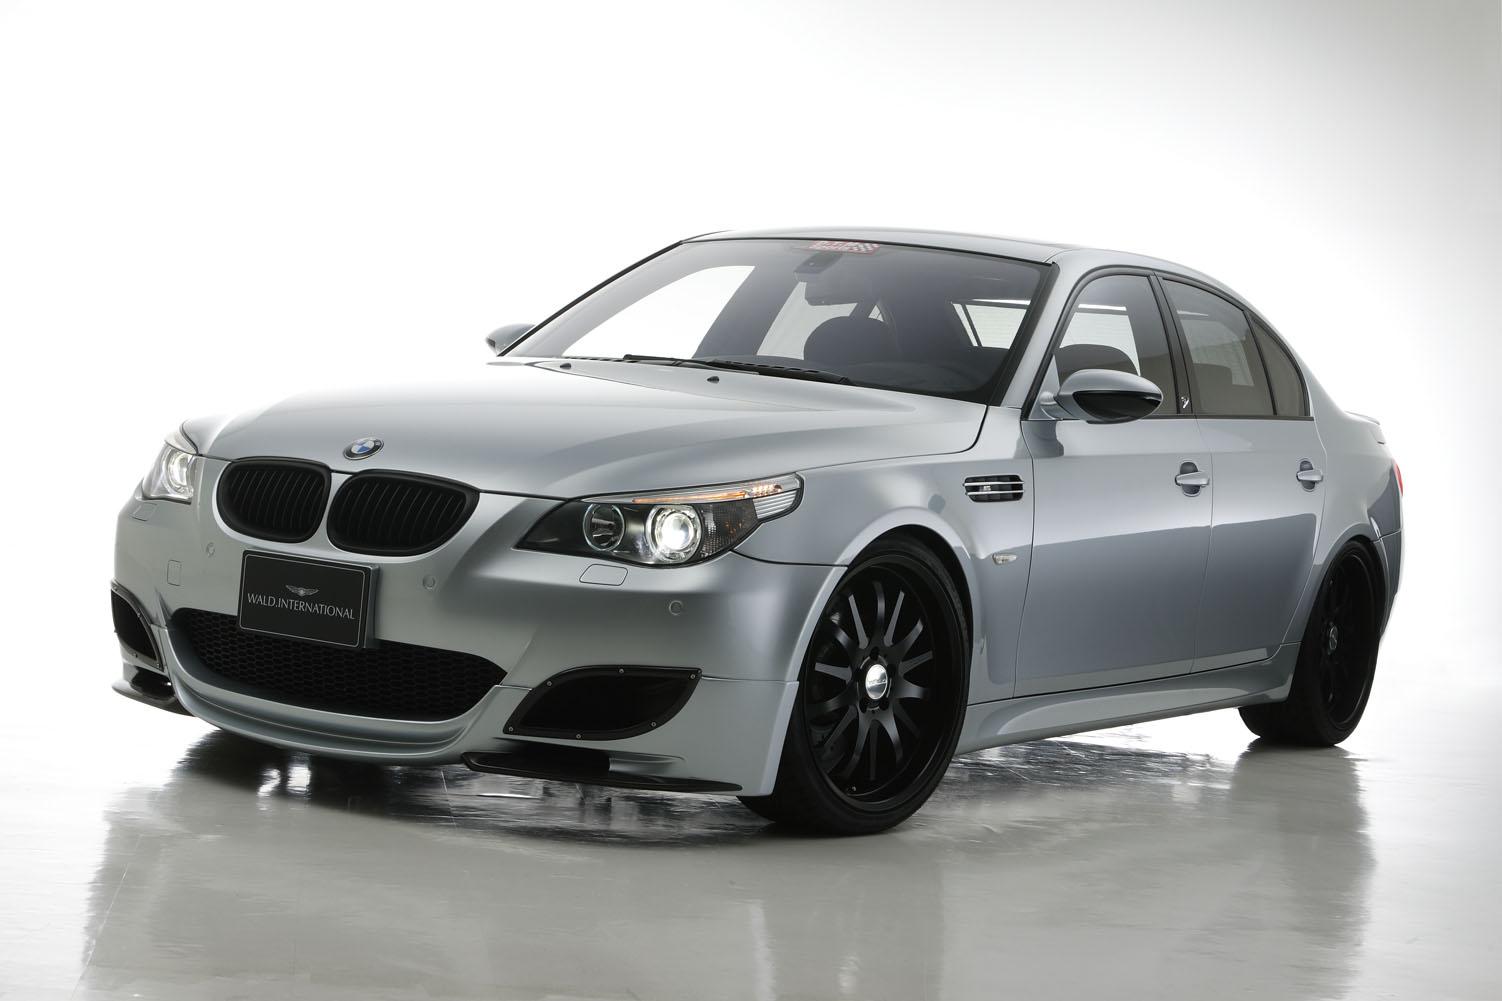 29.04.2013. Образец дополнения экстерьера для выдающегося автомобиля - аксессуары WALD на BMW 5 (E60) серии.